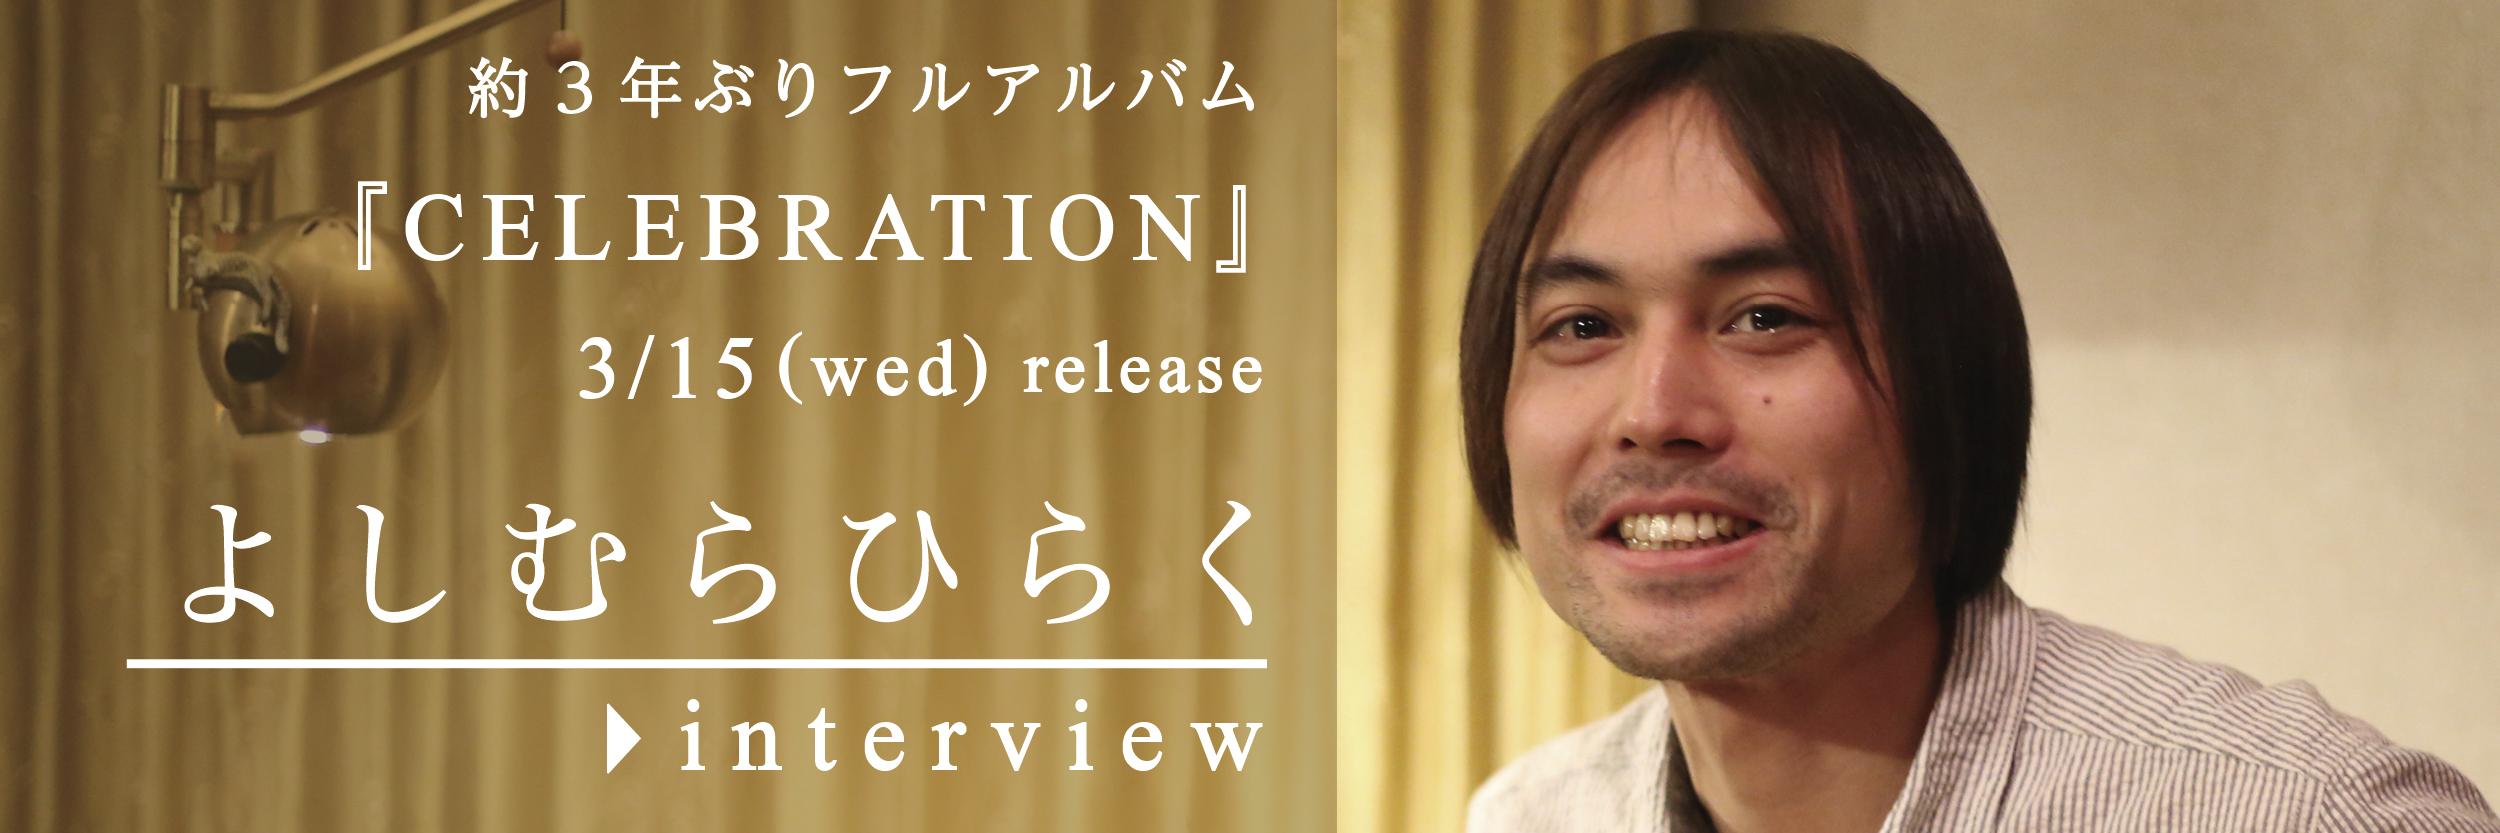 切なくも穏やかな約3年ぶりのフルアルバム『CELEBRATION』をリリースするよしむらひらくにインタビュー